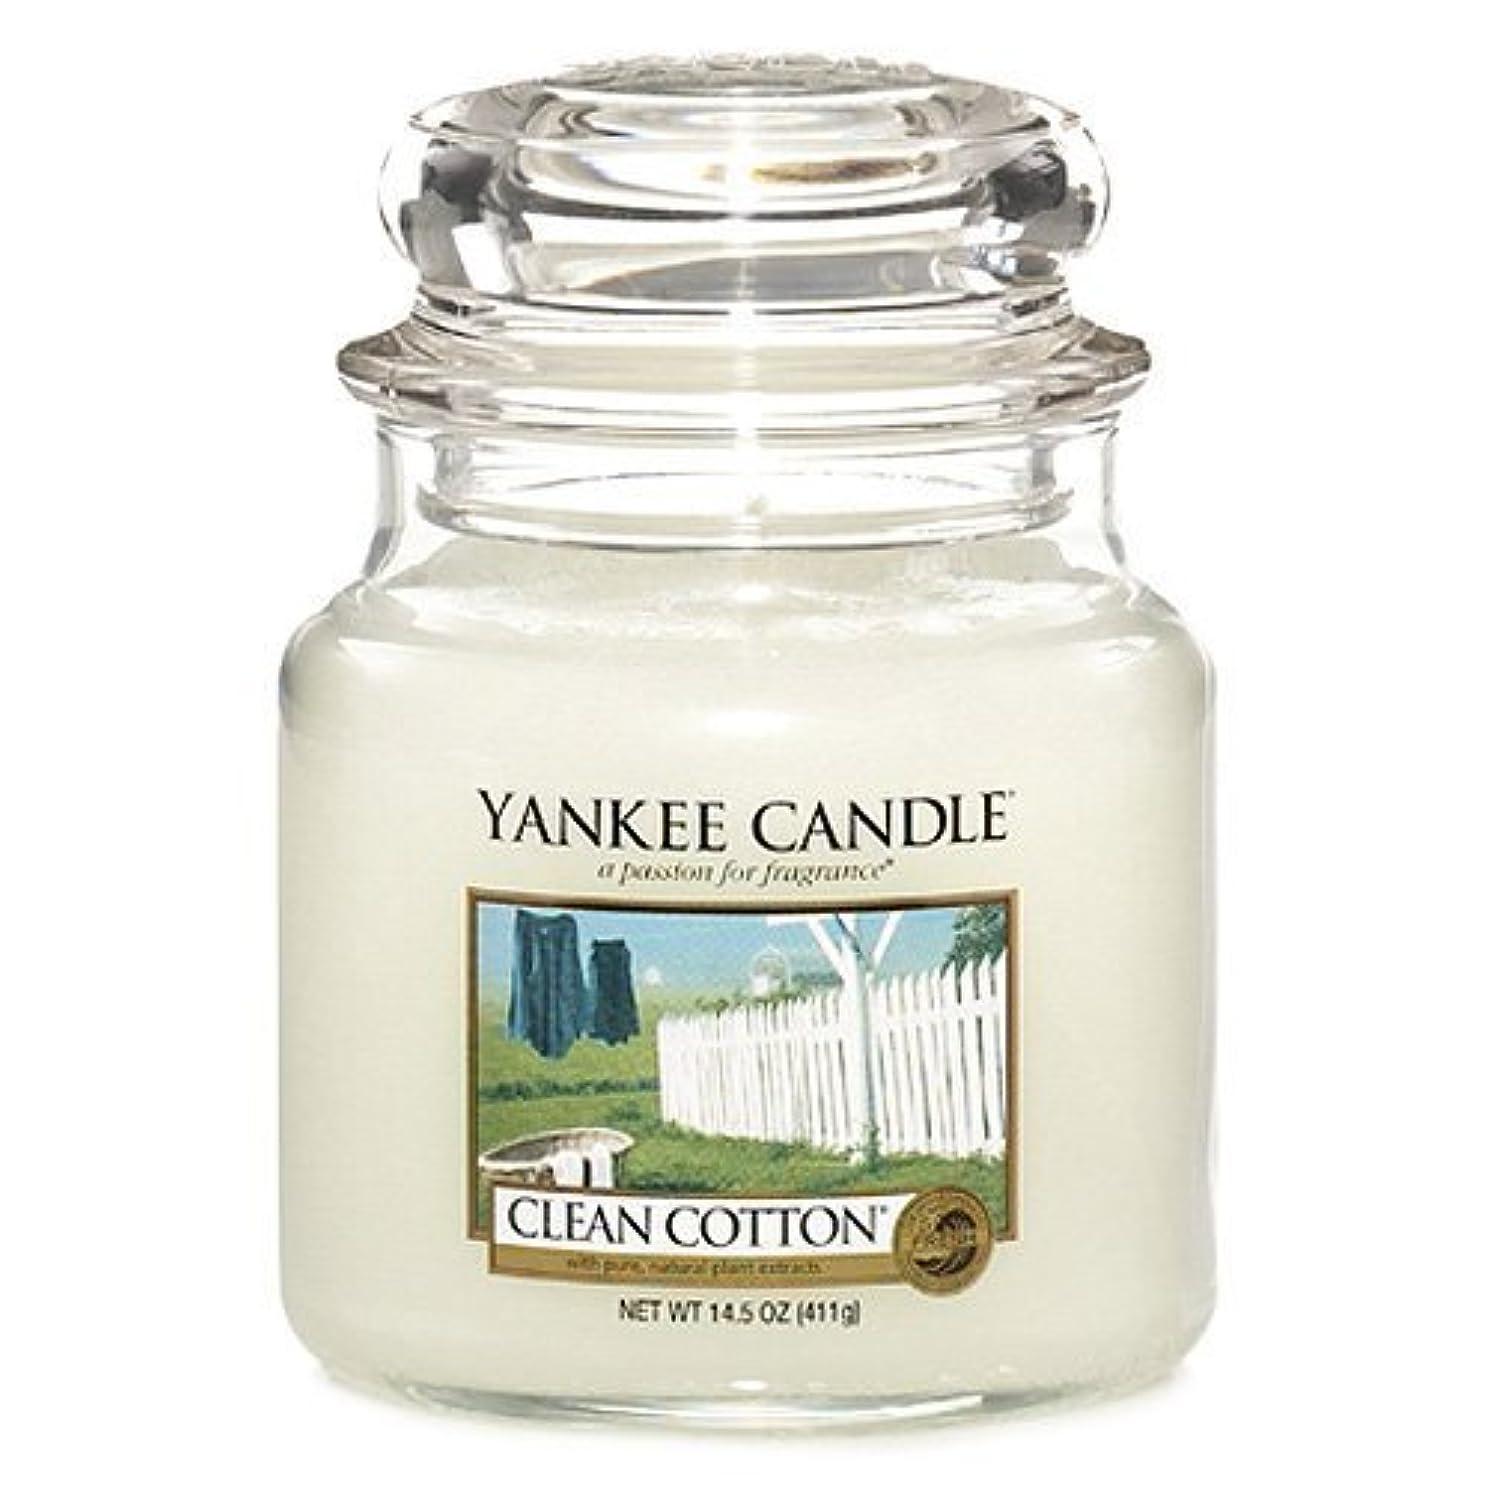 りんご感じる政治家Yankee Candle- Medium Clean Cotton Jar Candle 1010729 by Yankee Candle [並行輸入品]